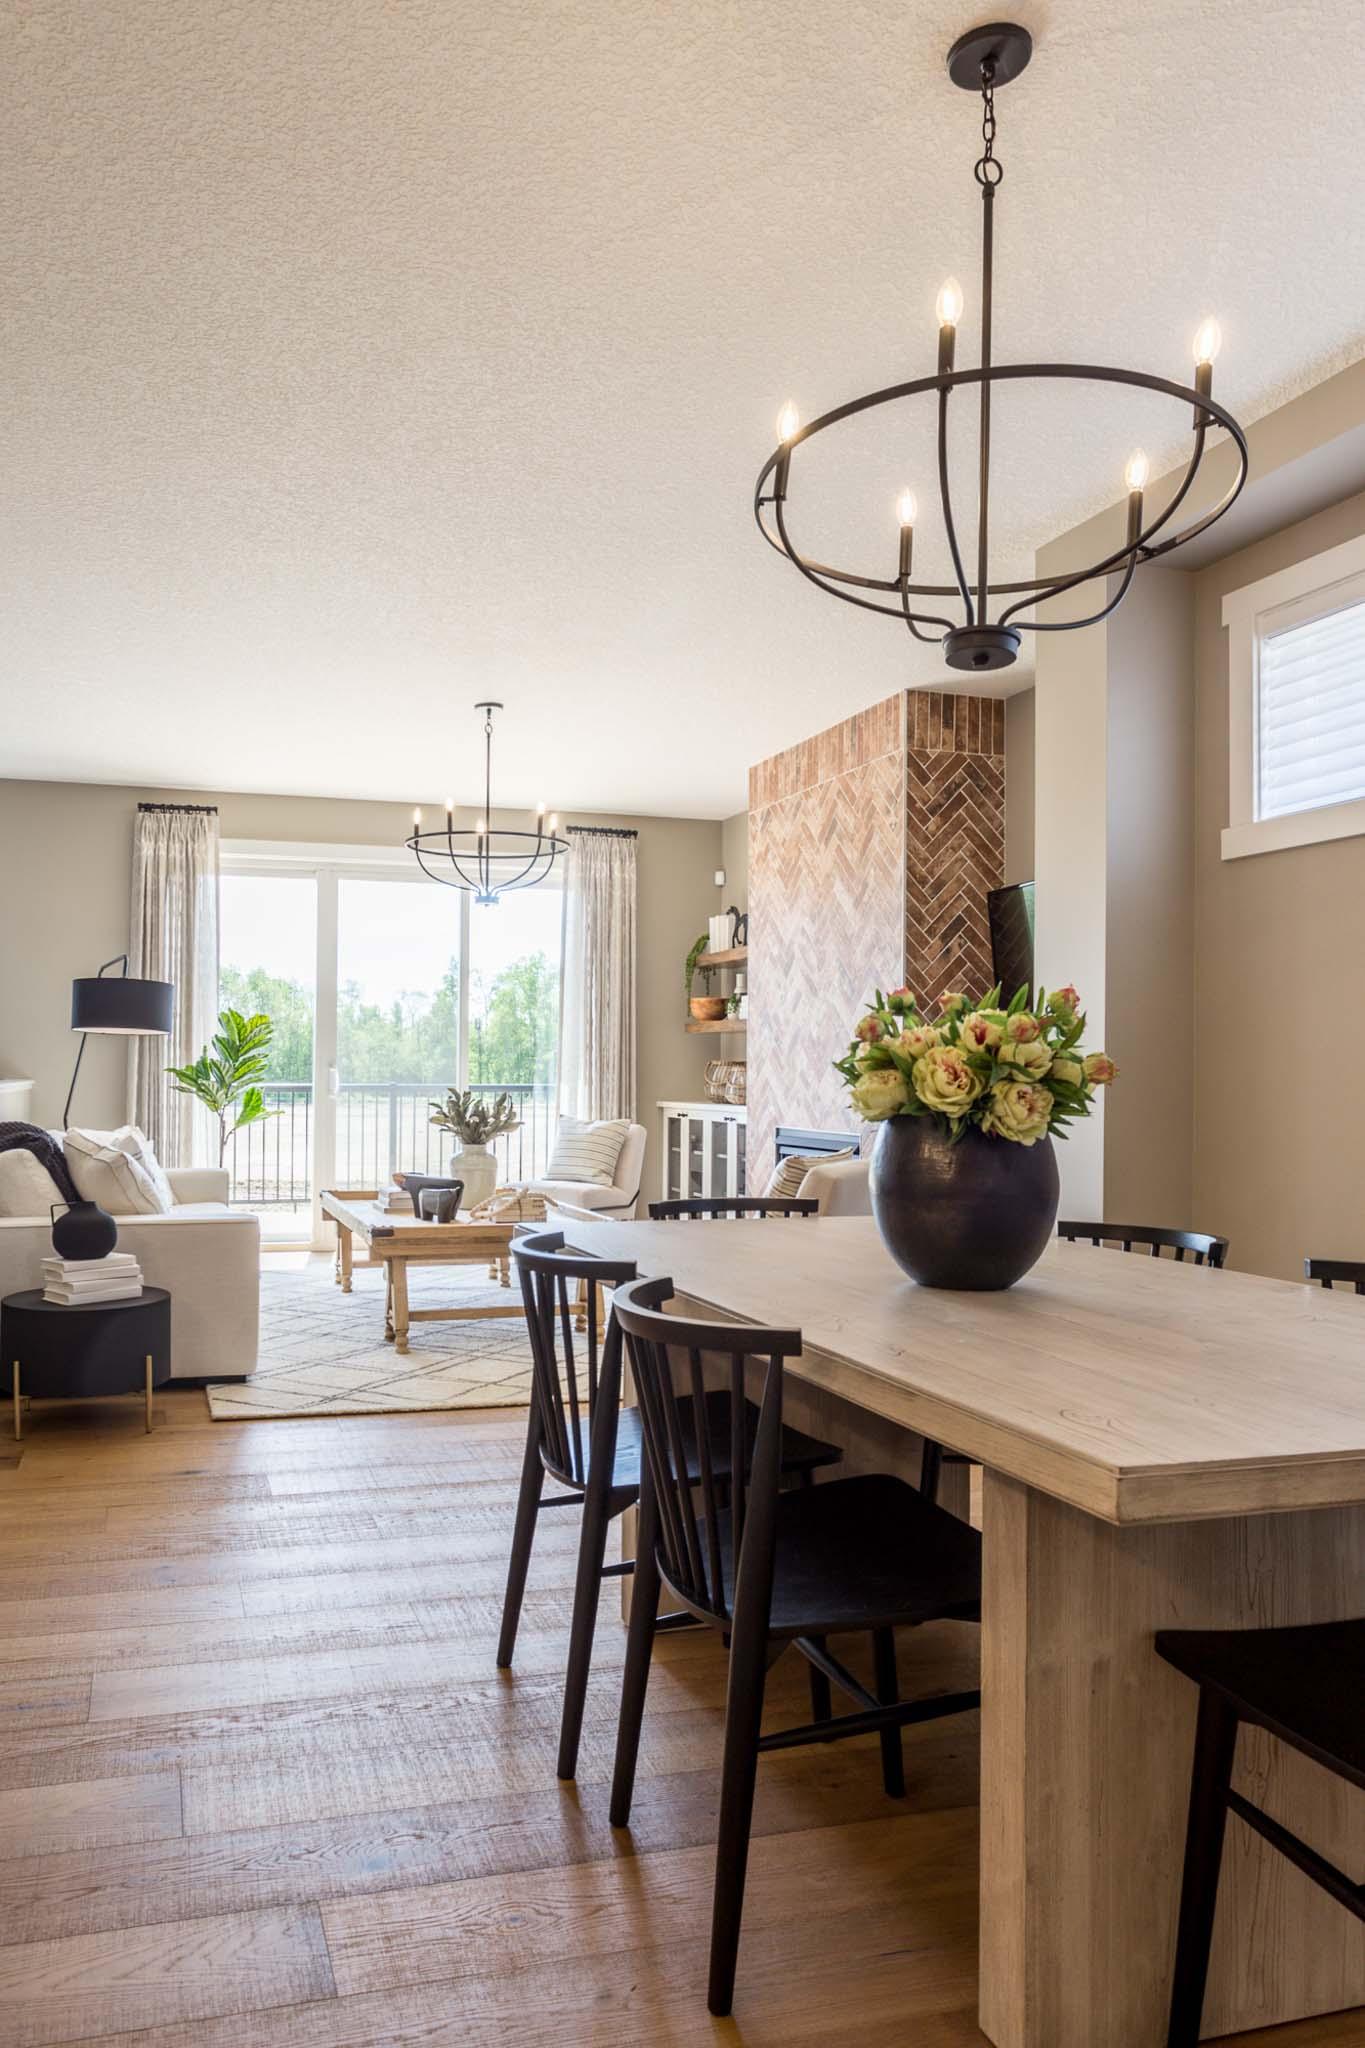 interiorphotography-rankindr-homesbyavi-webres-12